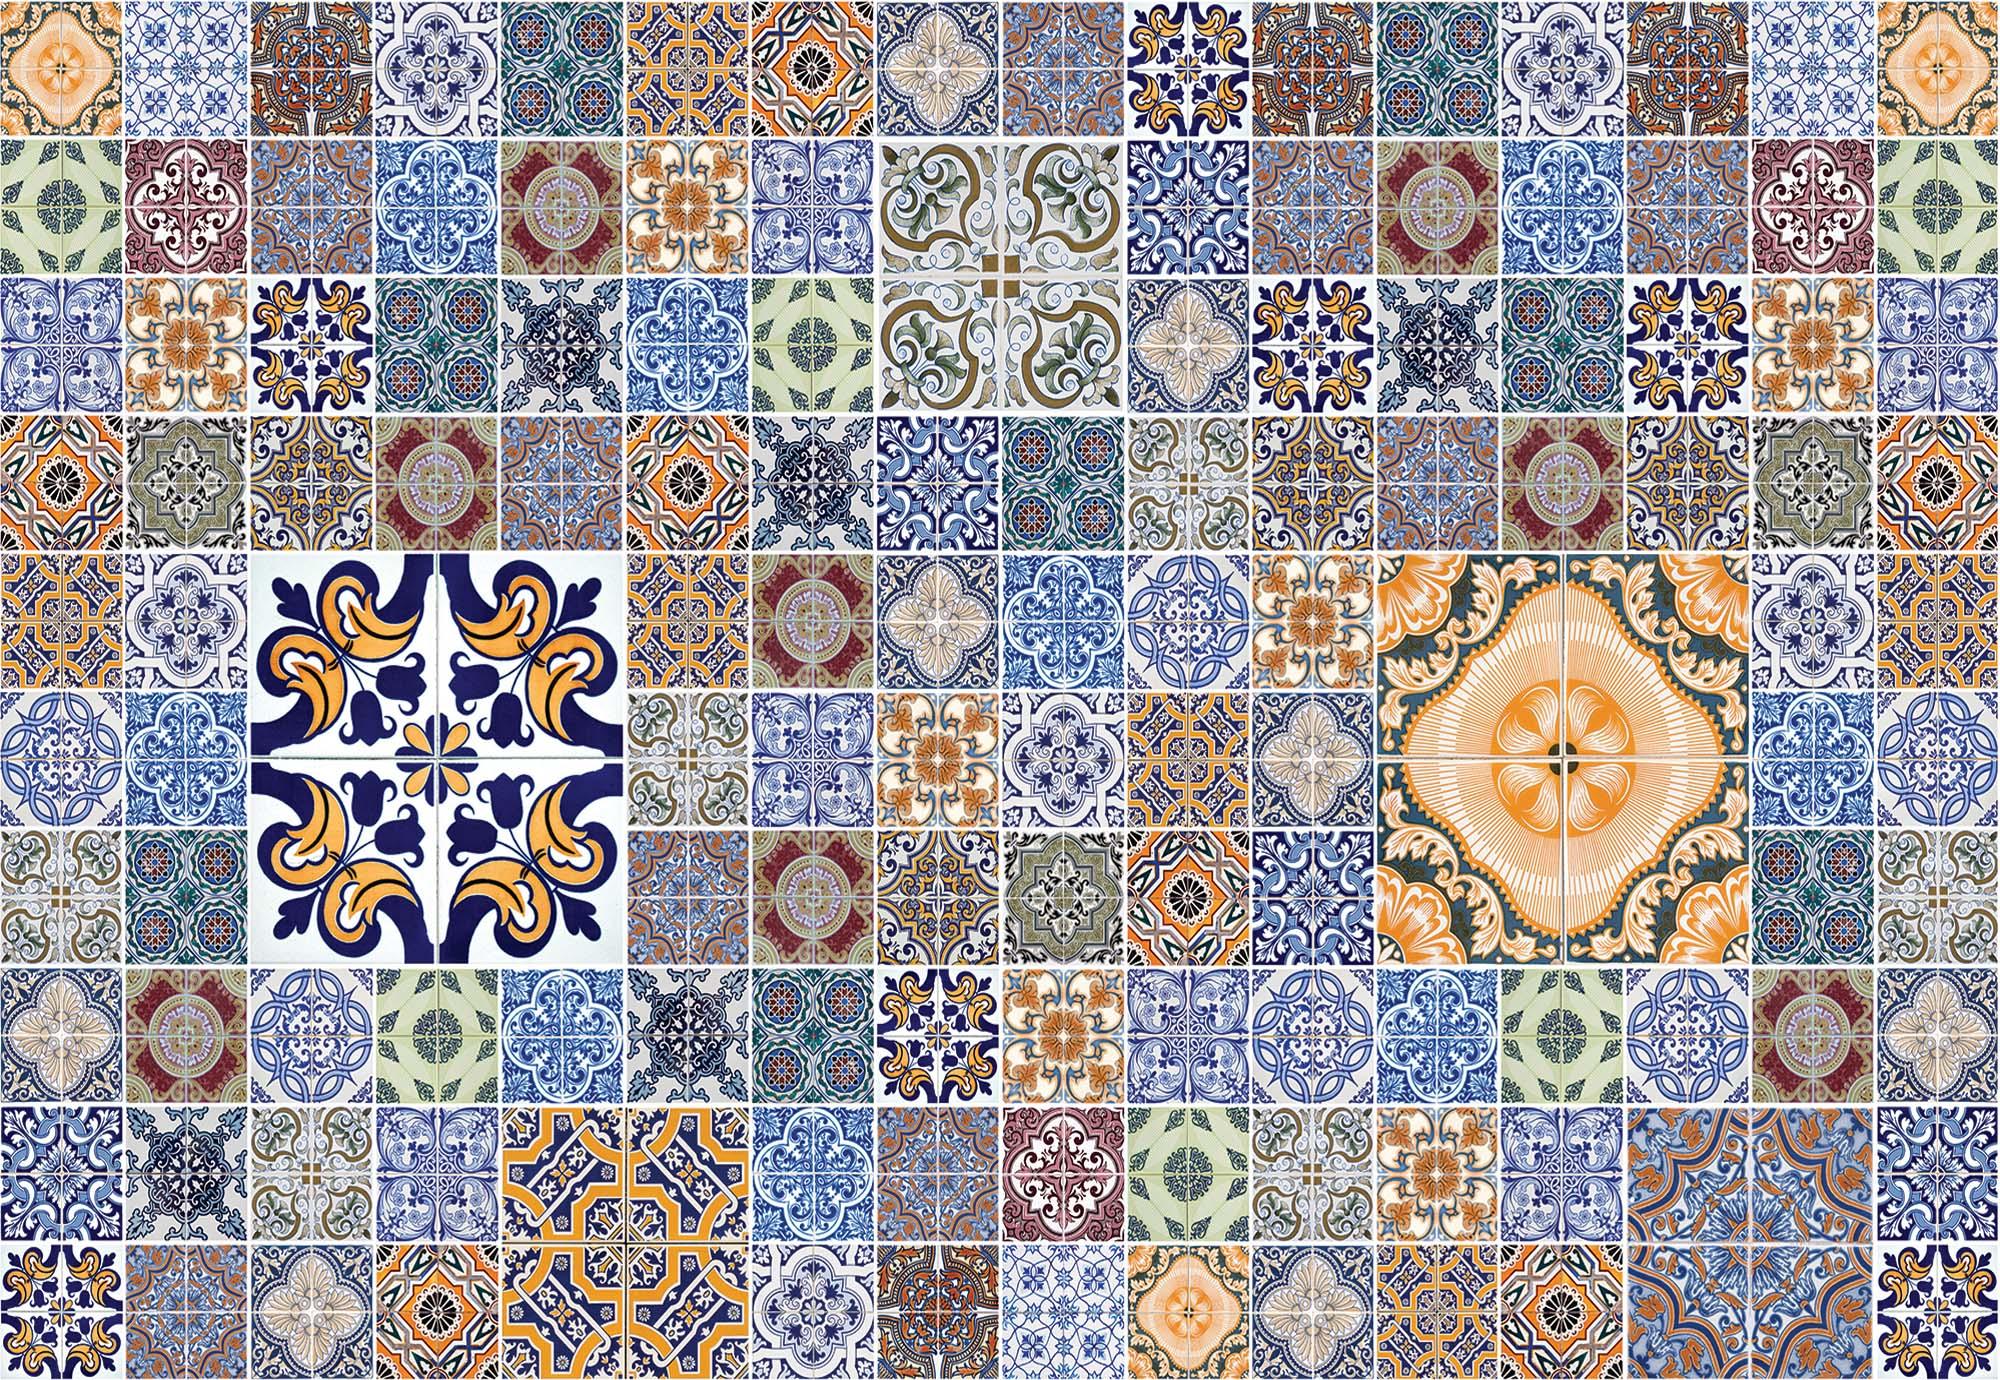 Fali poszter marokkói csempe mintával